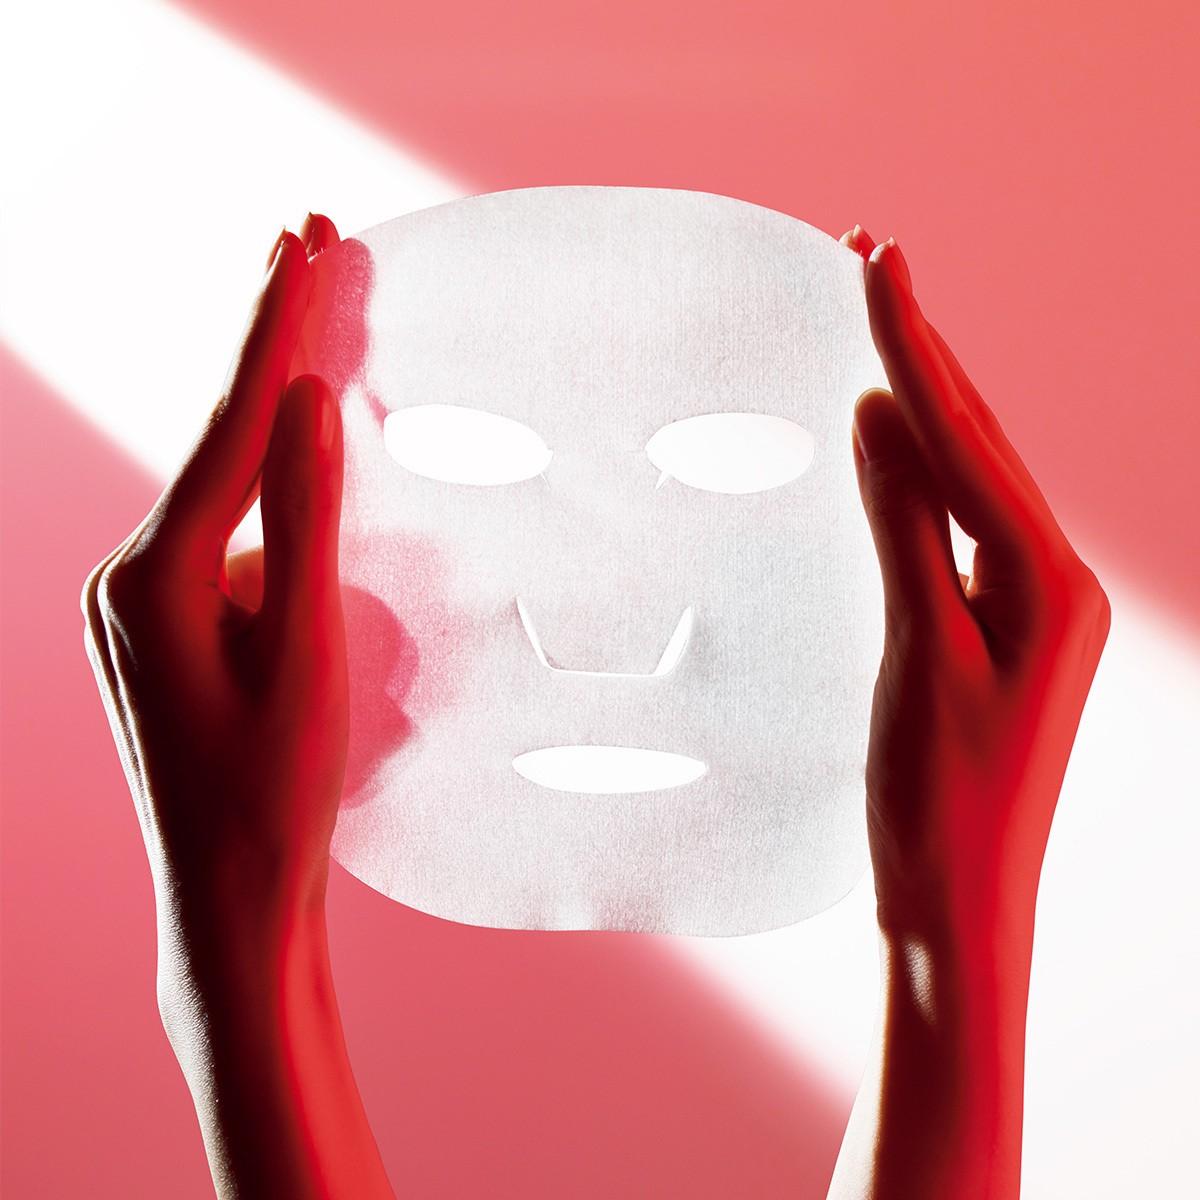 ディセンシアのフェイスマスクで、シワぐせに、週1回、5分(※1)の速攻集中ケア_1